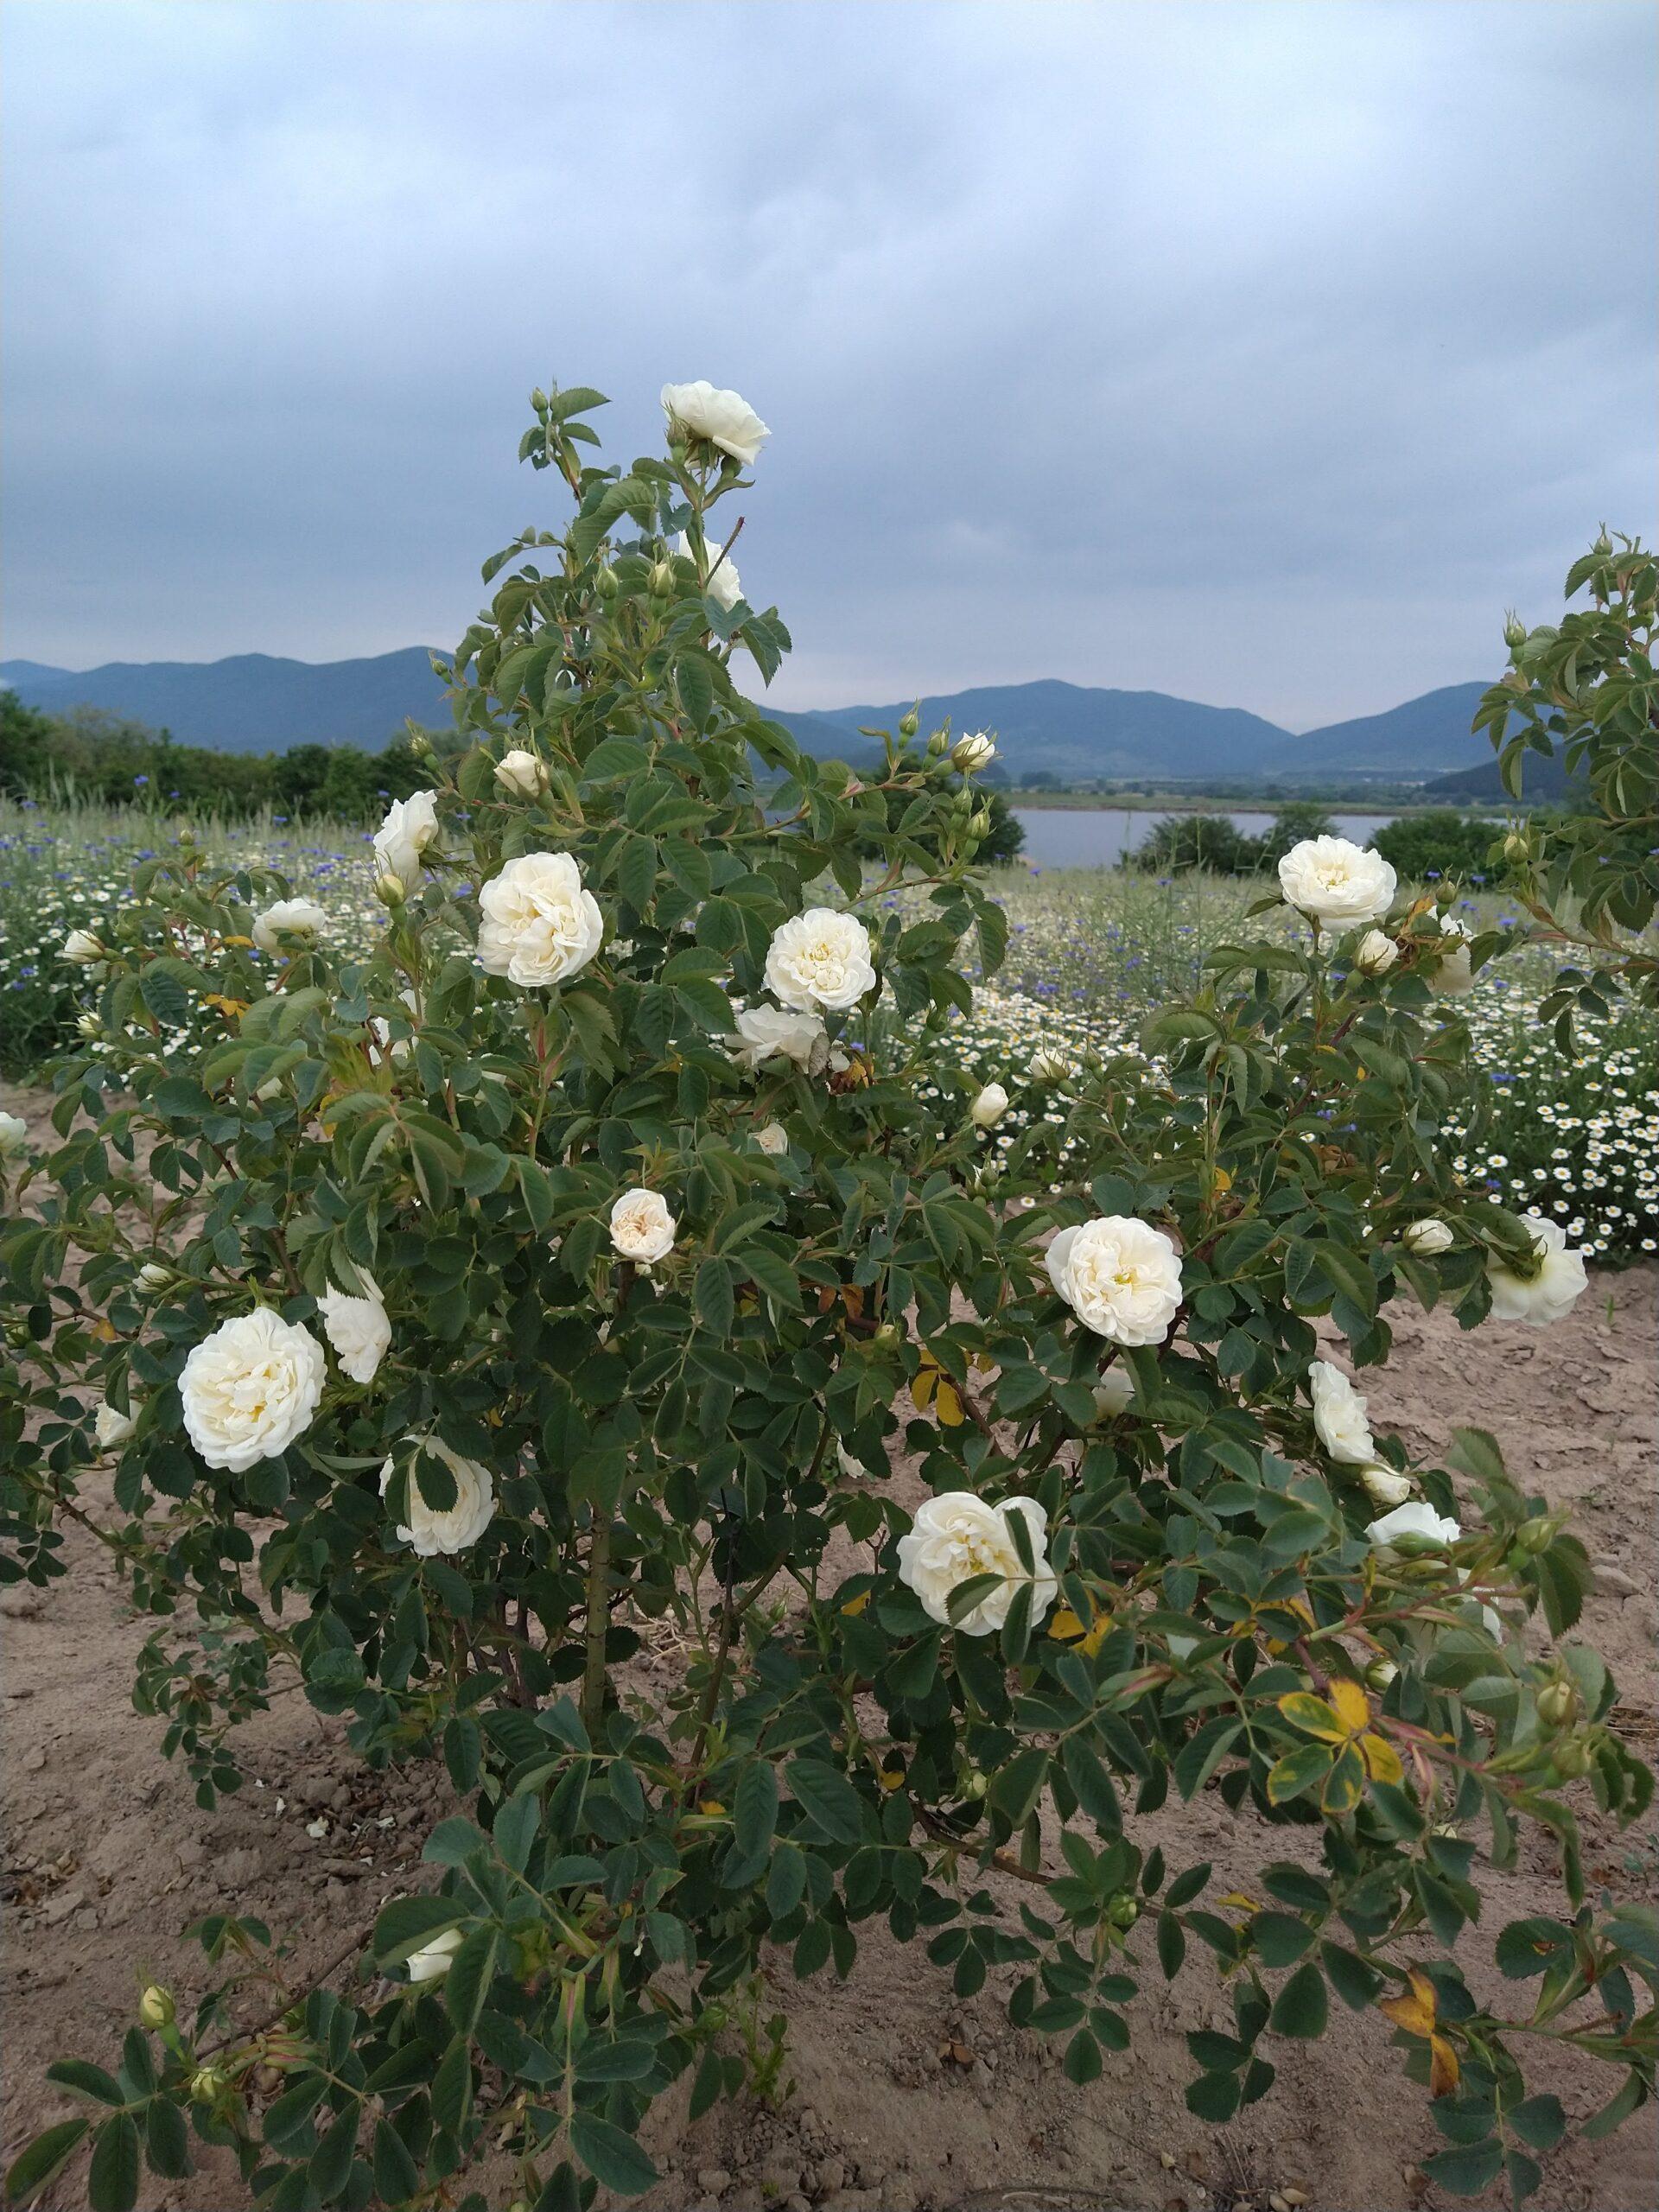 Flowering white rose bush with lake back drop